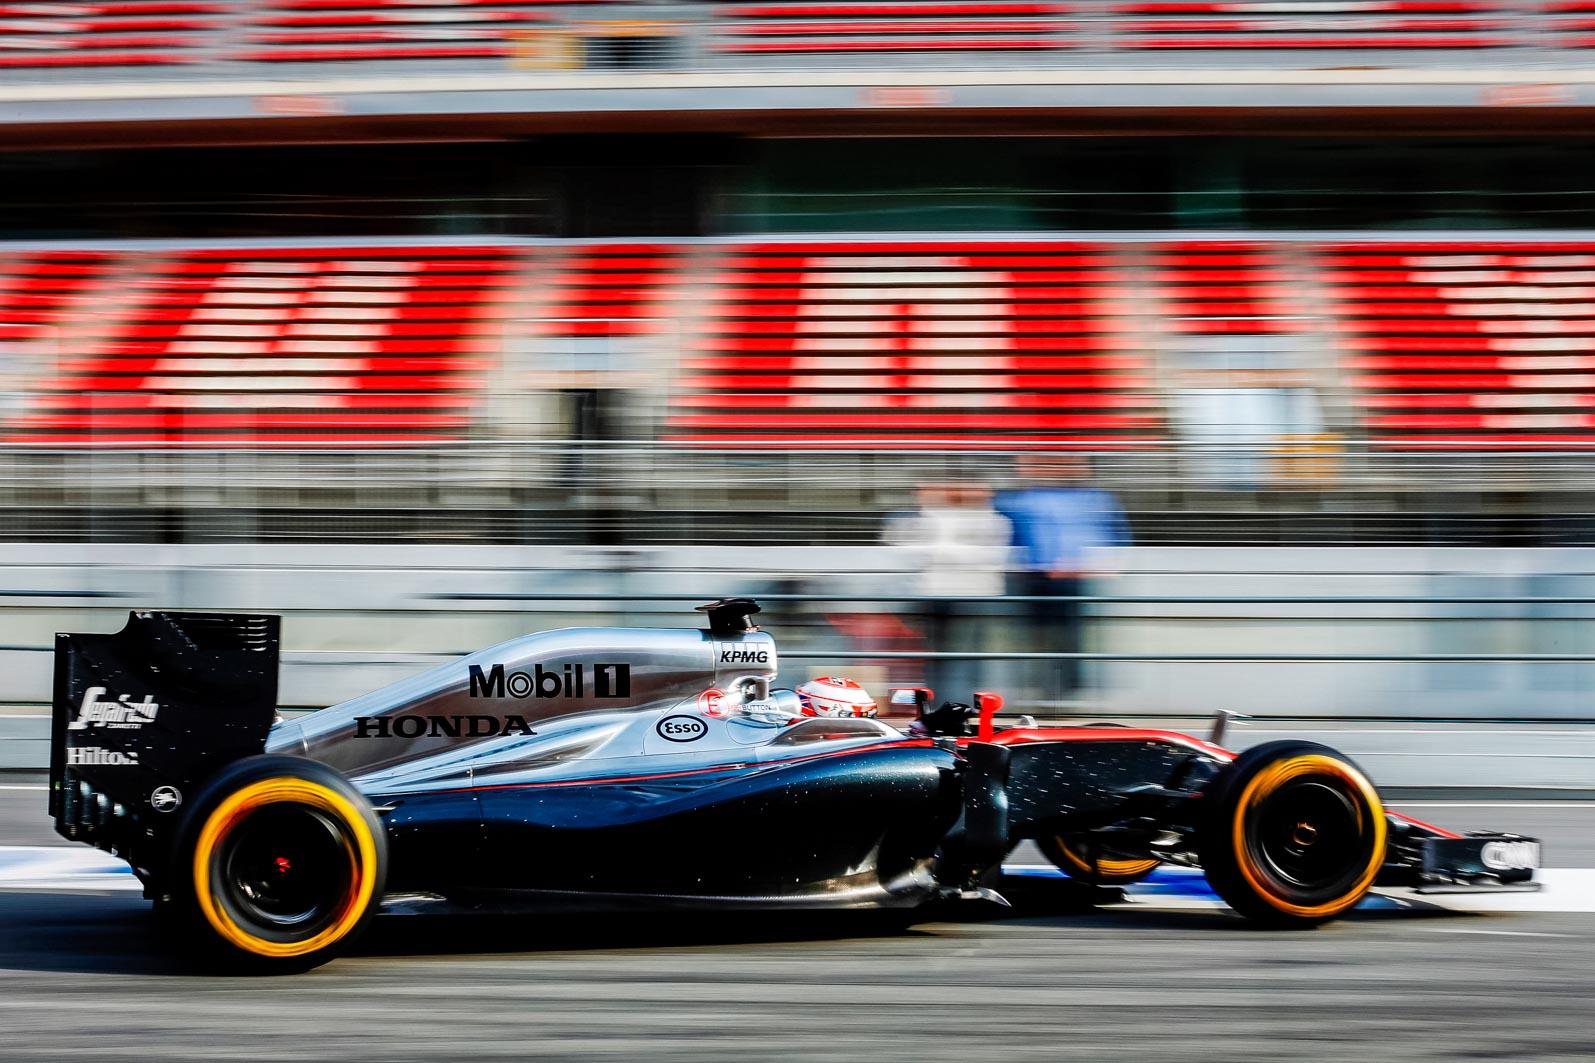 exxonmobil expands relationship with mclaren-honda f1 team | formula 1